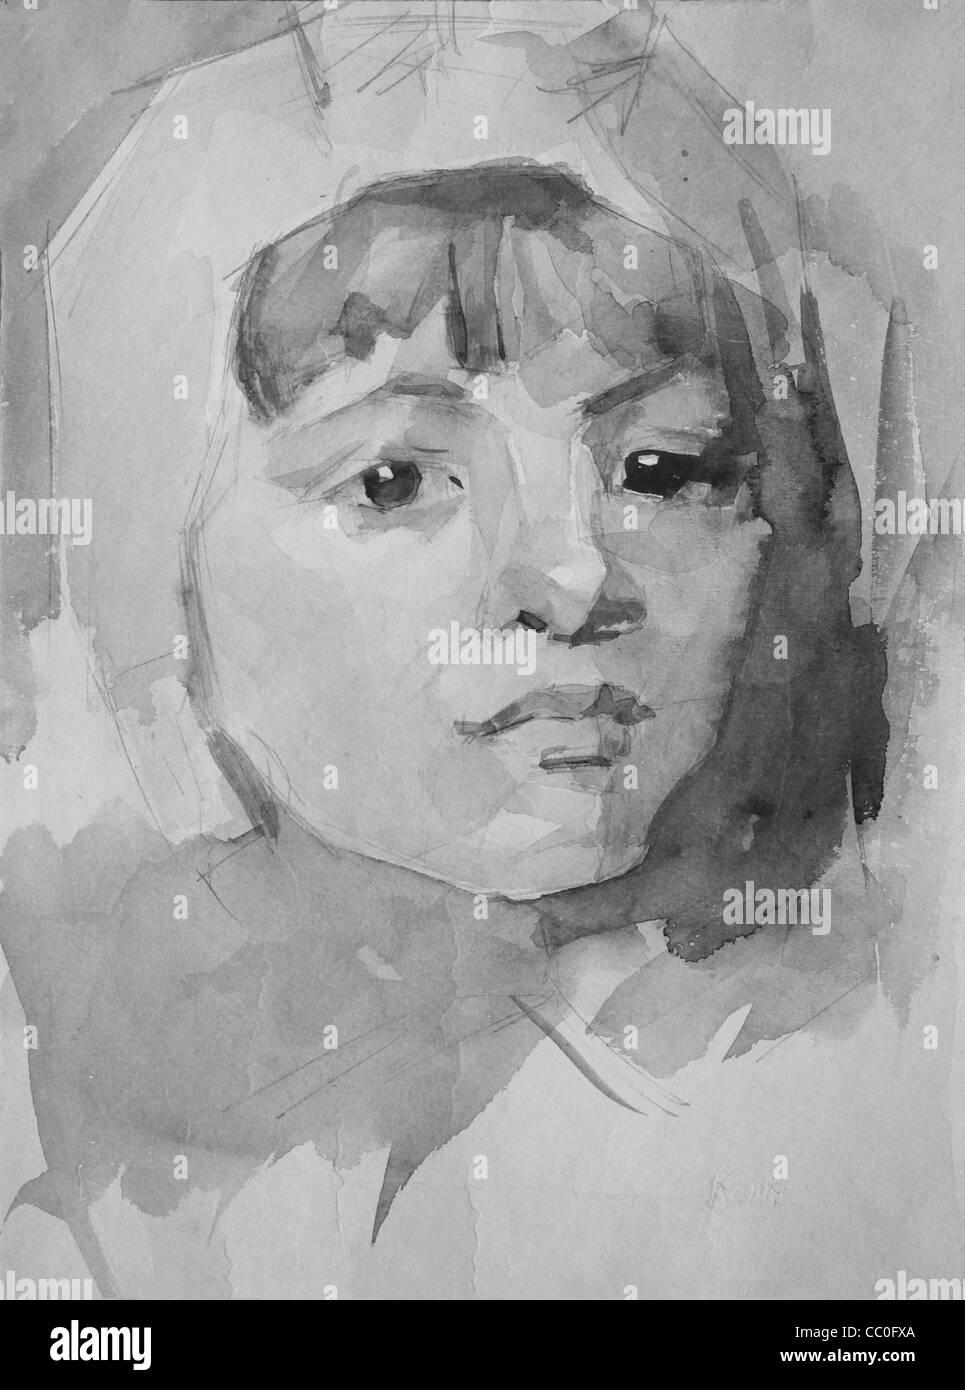 Portrait graphique d'une jeune fille peint par Crayon et aquarelle Photo Stock